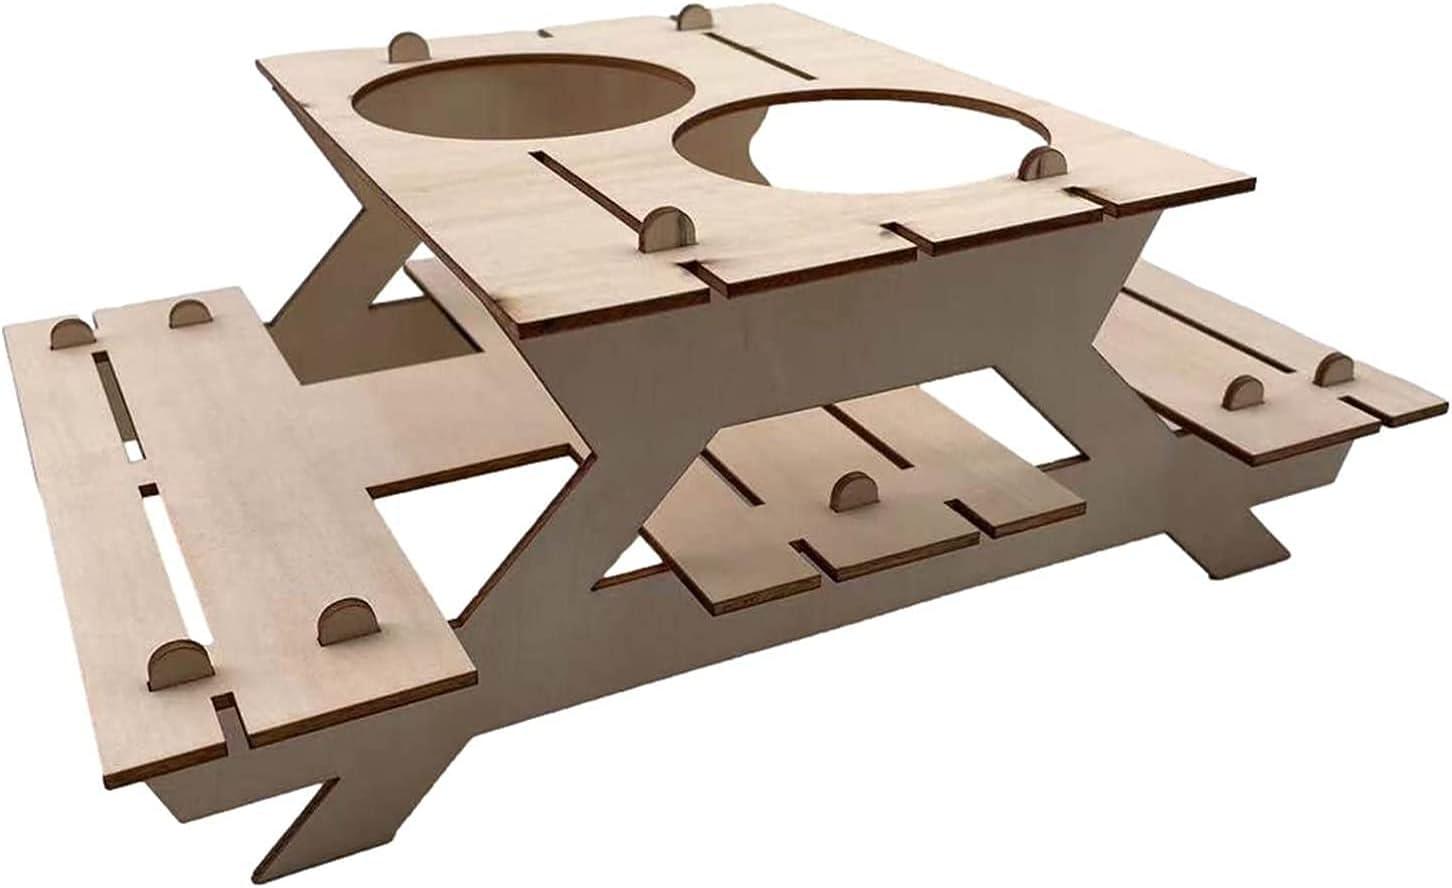 LXNQG 2021 Nueva Mesa de Picnic Plegable de Madera con Soporte de Vidrio, portátil 2 en 1 Mesa de Picnic, Mesa Plegable Creativa para al Aire Libre Jardín Travel Playa fácil de Llevar